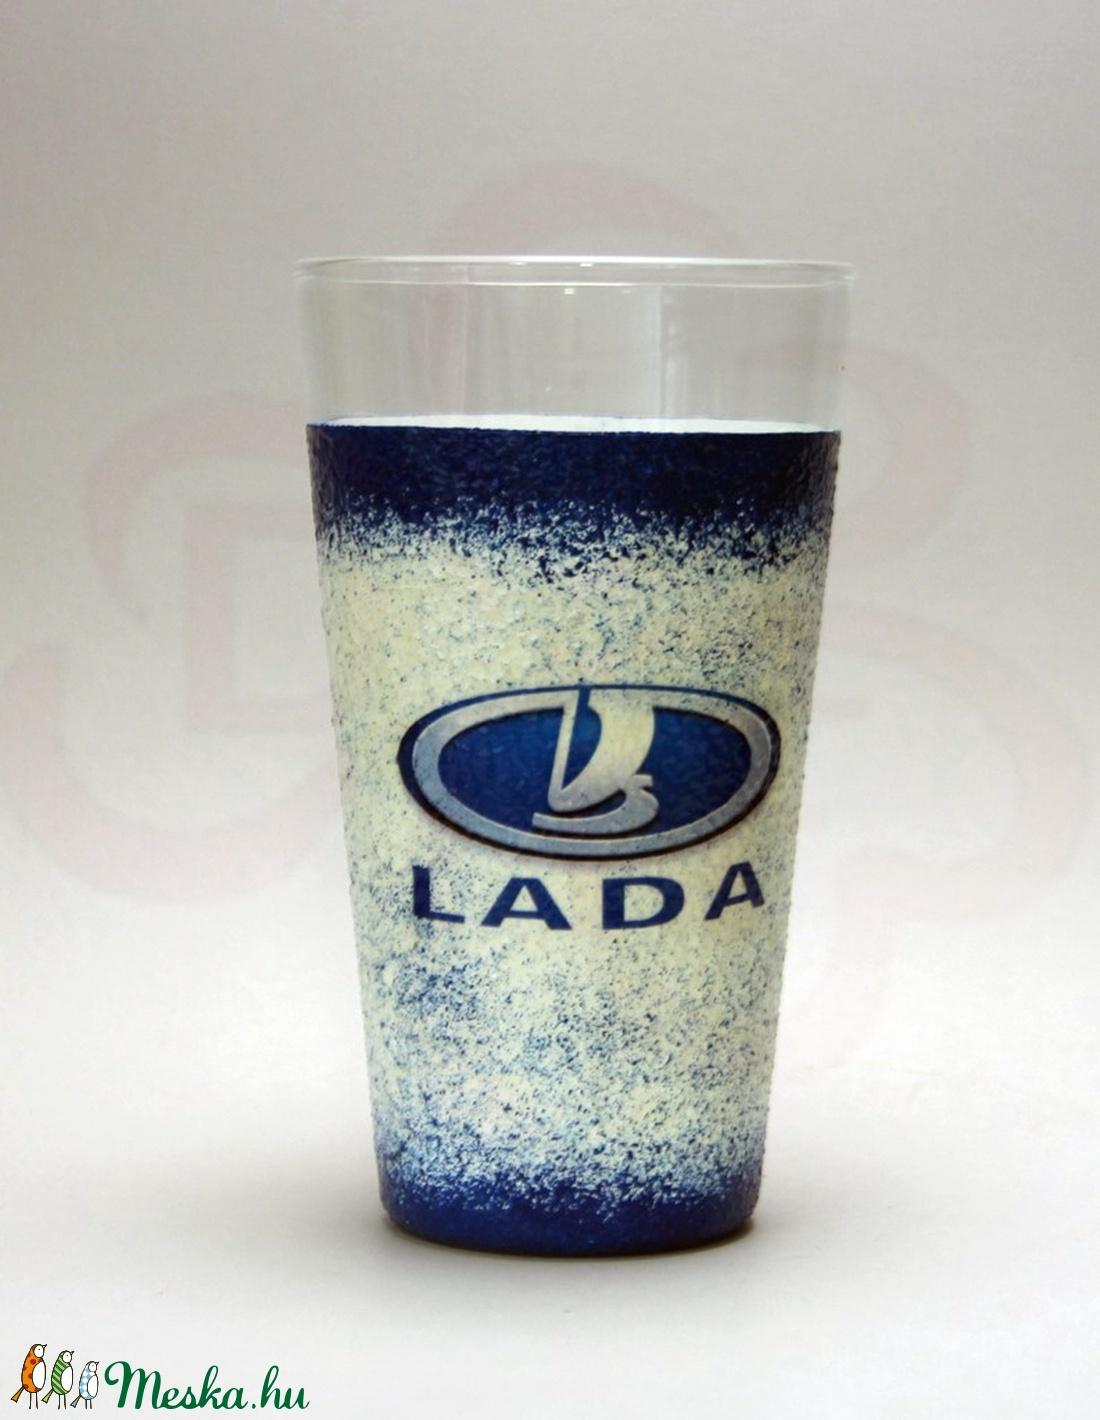 LADA ZSIGULI emblémás vizes pohár ; A Lada márka rajongóinak - Meska.hu